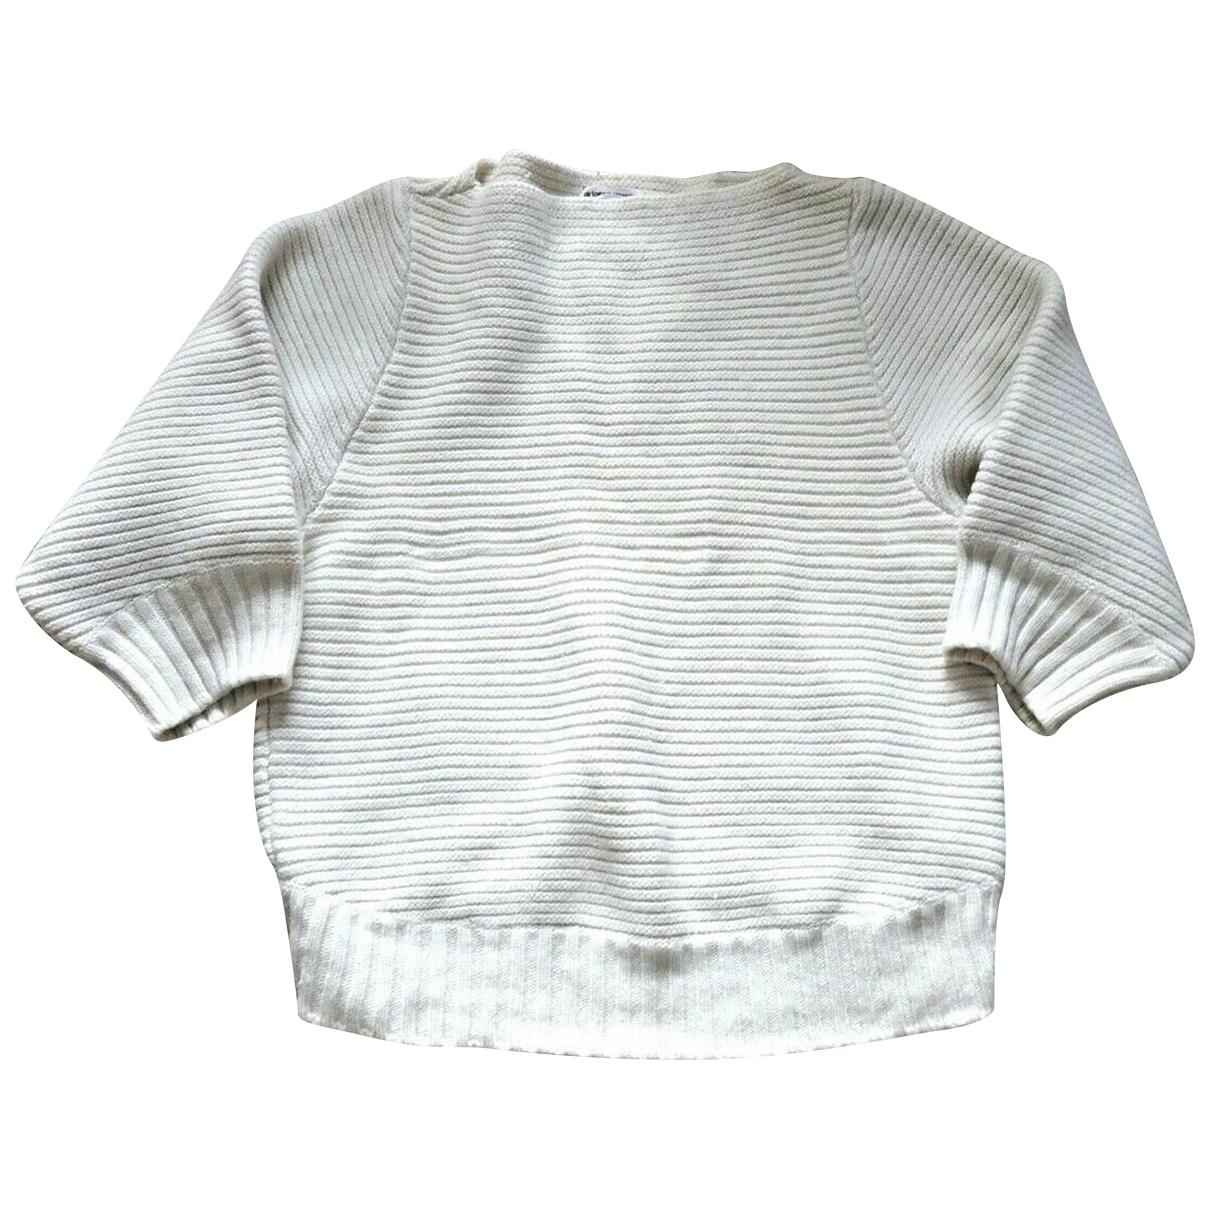 Chalayan N White Wool Knitwear for Women S International